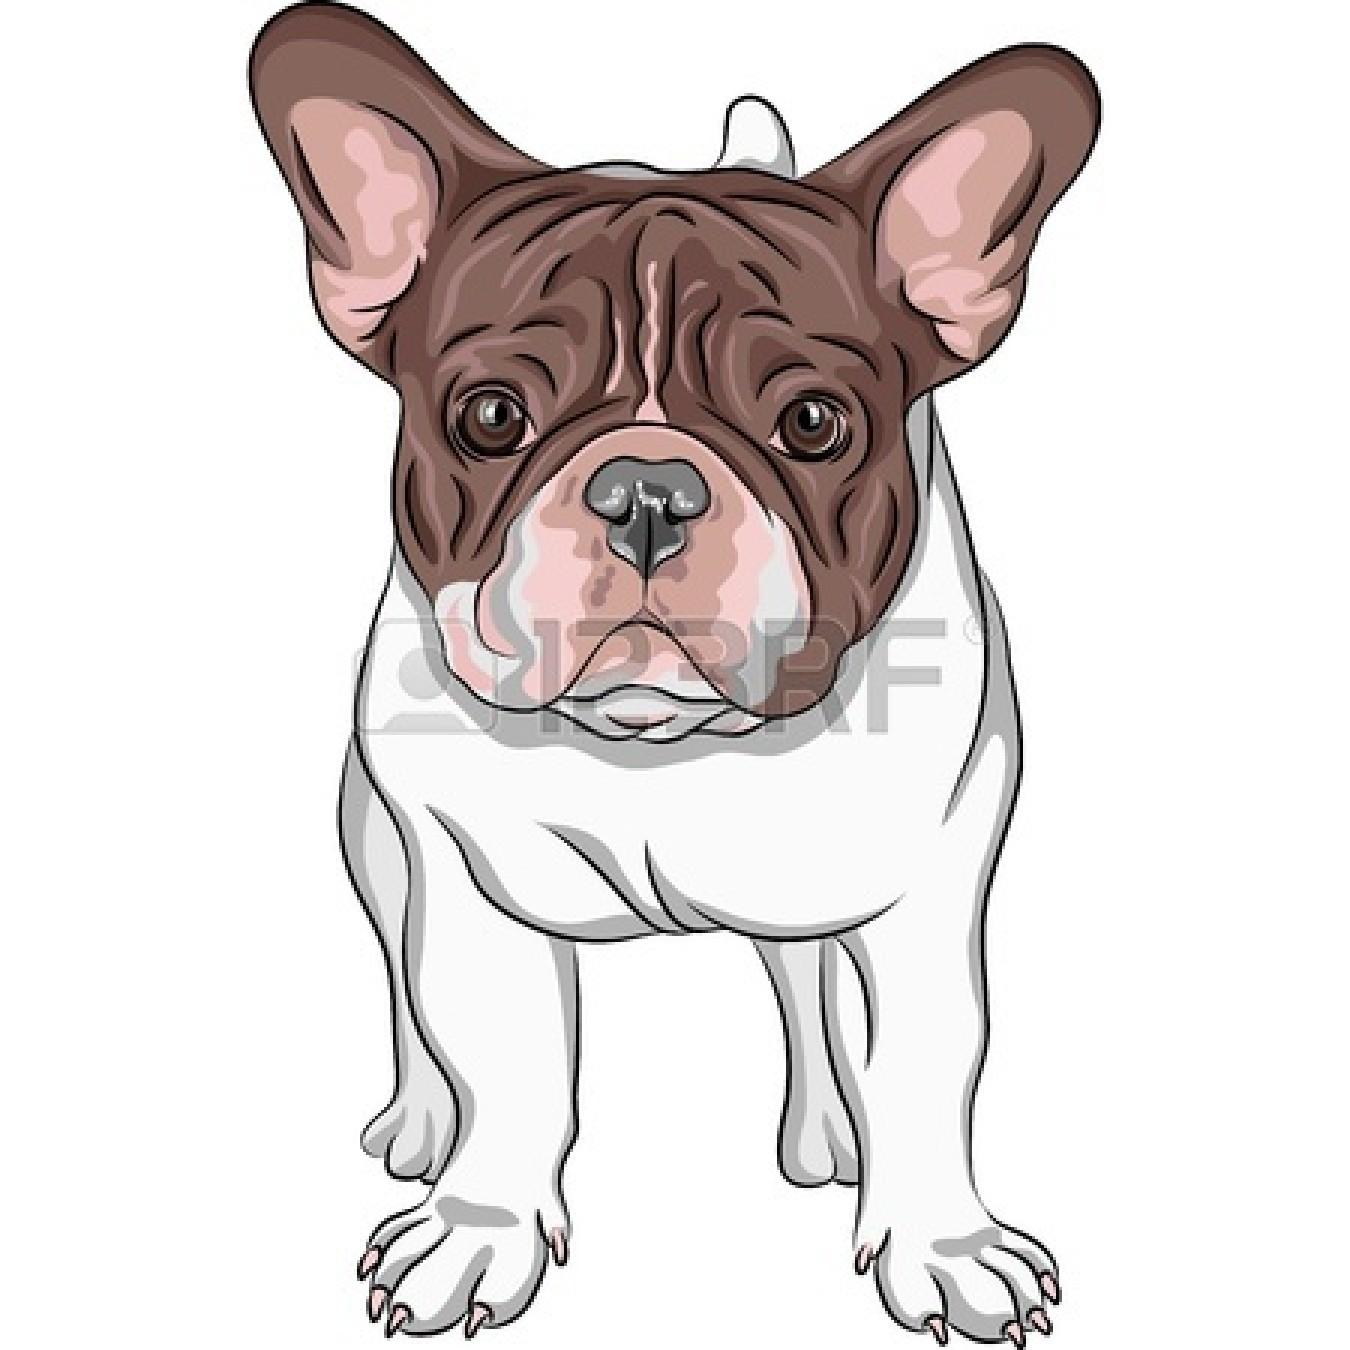 Cute Bulldog Drawing | Clipart Panda - Free Clipart Images